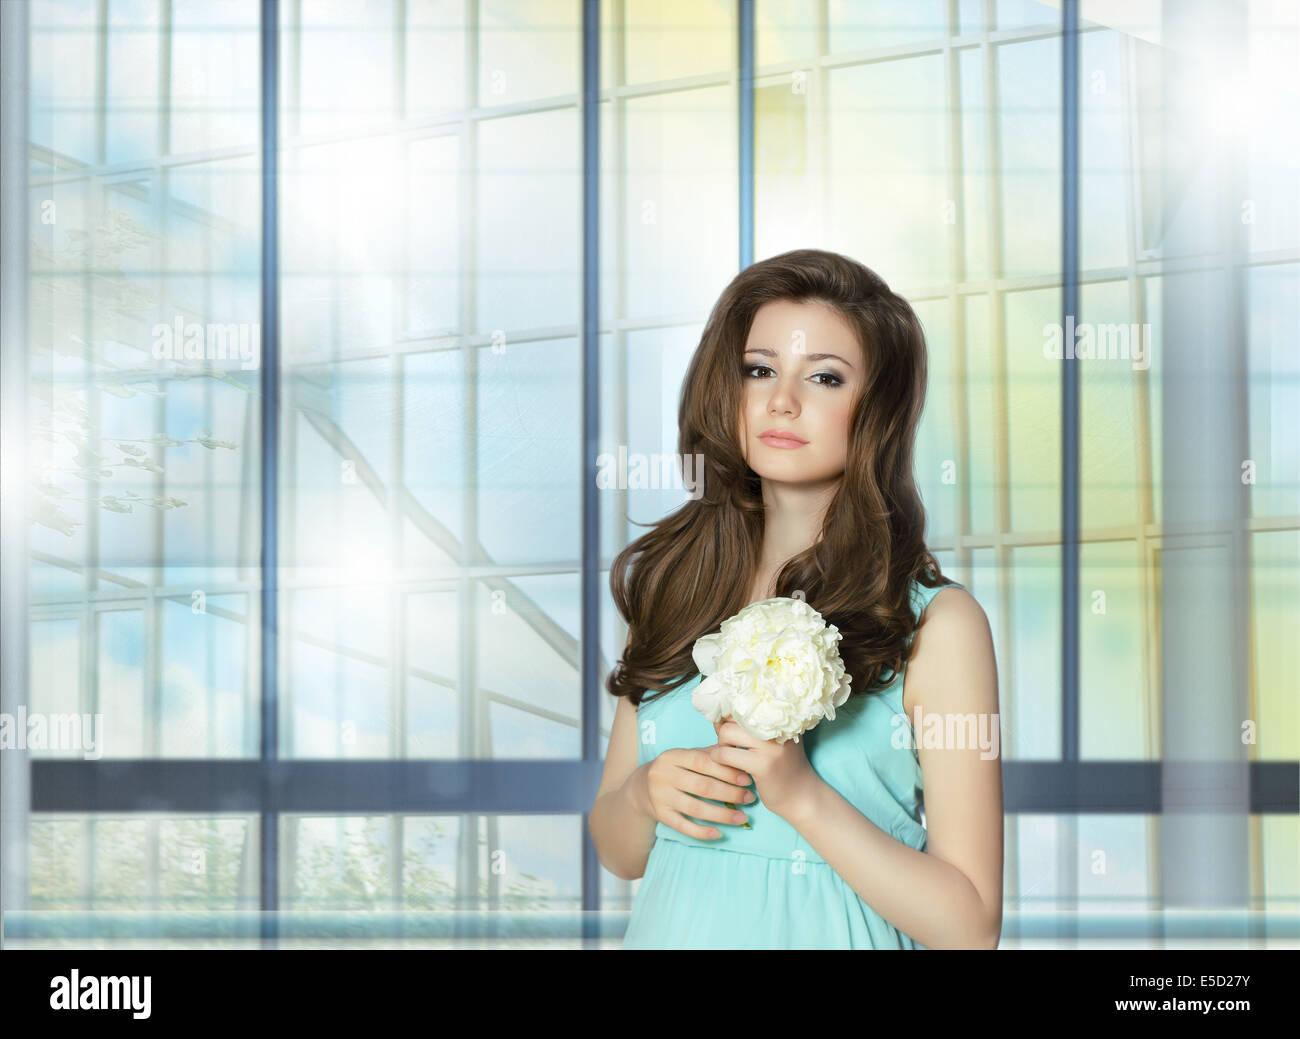 Junge Frau, die Pfingstrose Blume über das Fenster Stockbild